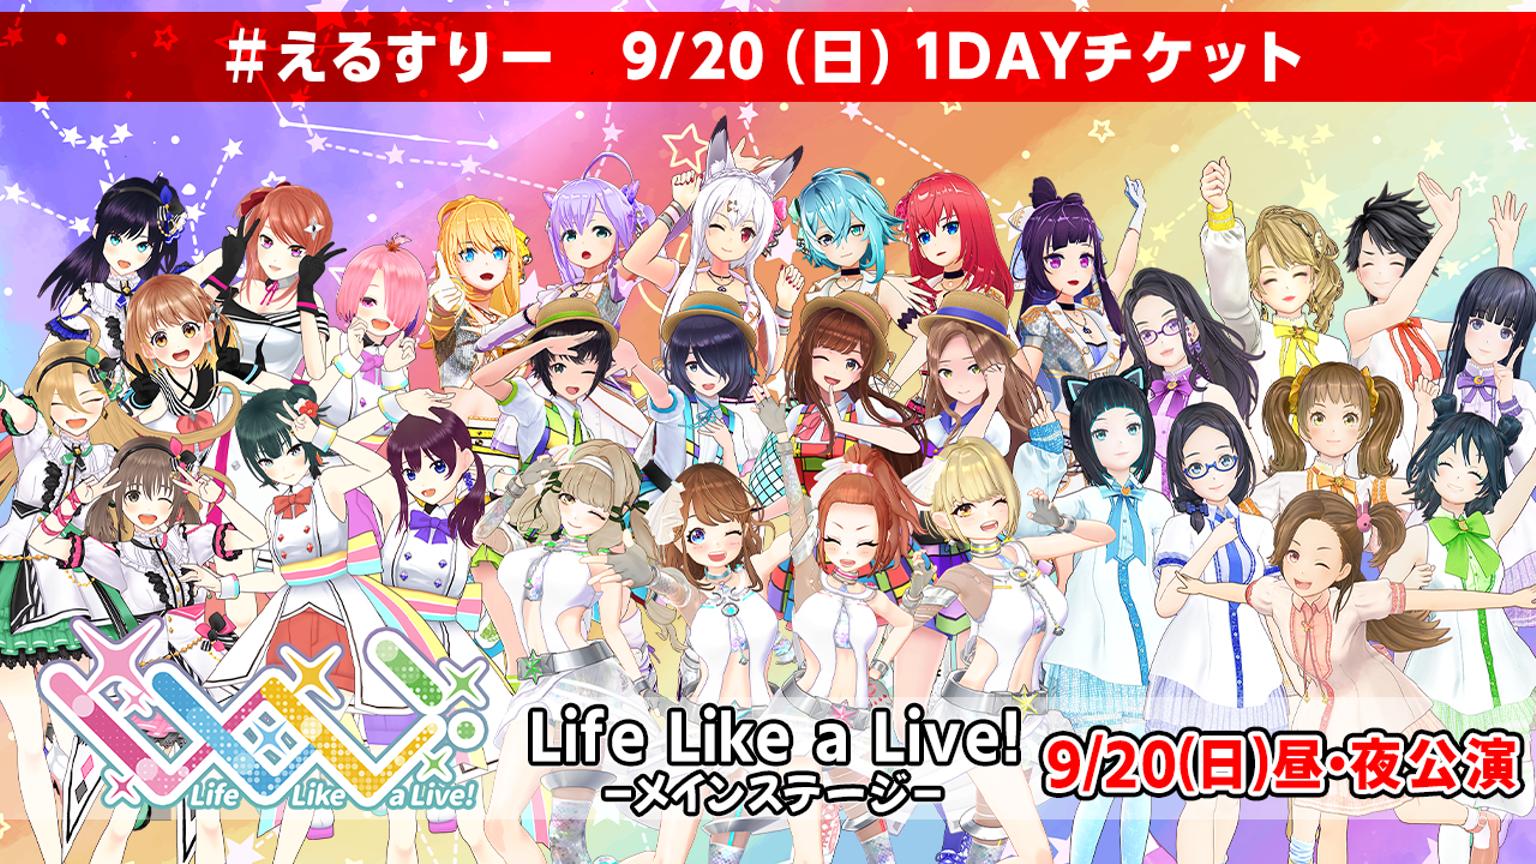 【9/20(日)昼夜】Life Like a Live!